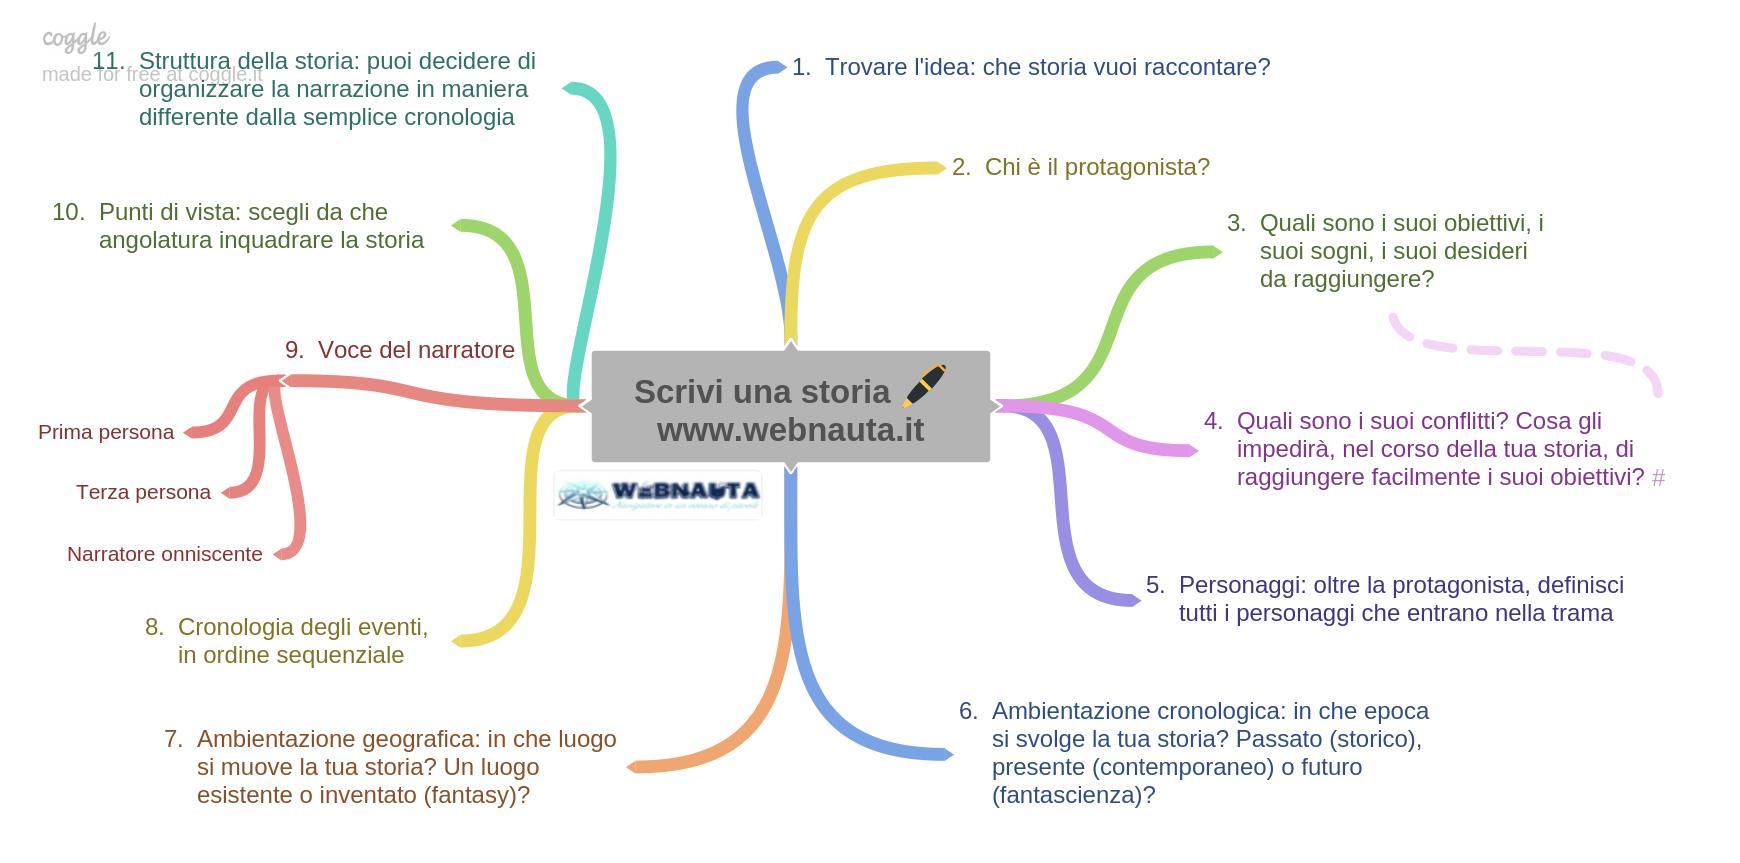 Coggle - mappa Scrivi una storia